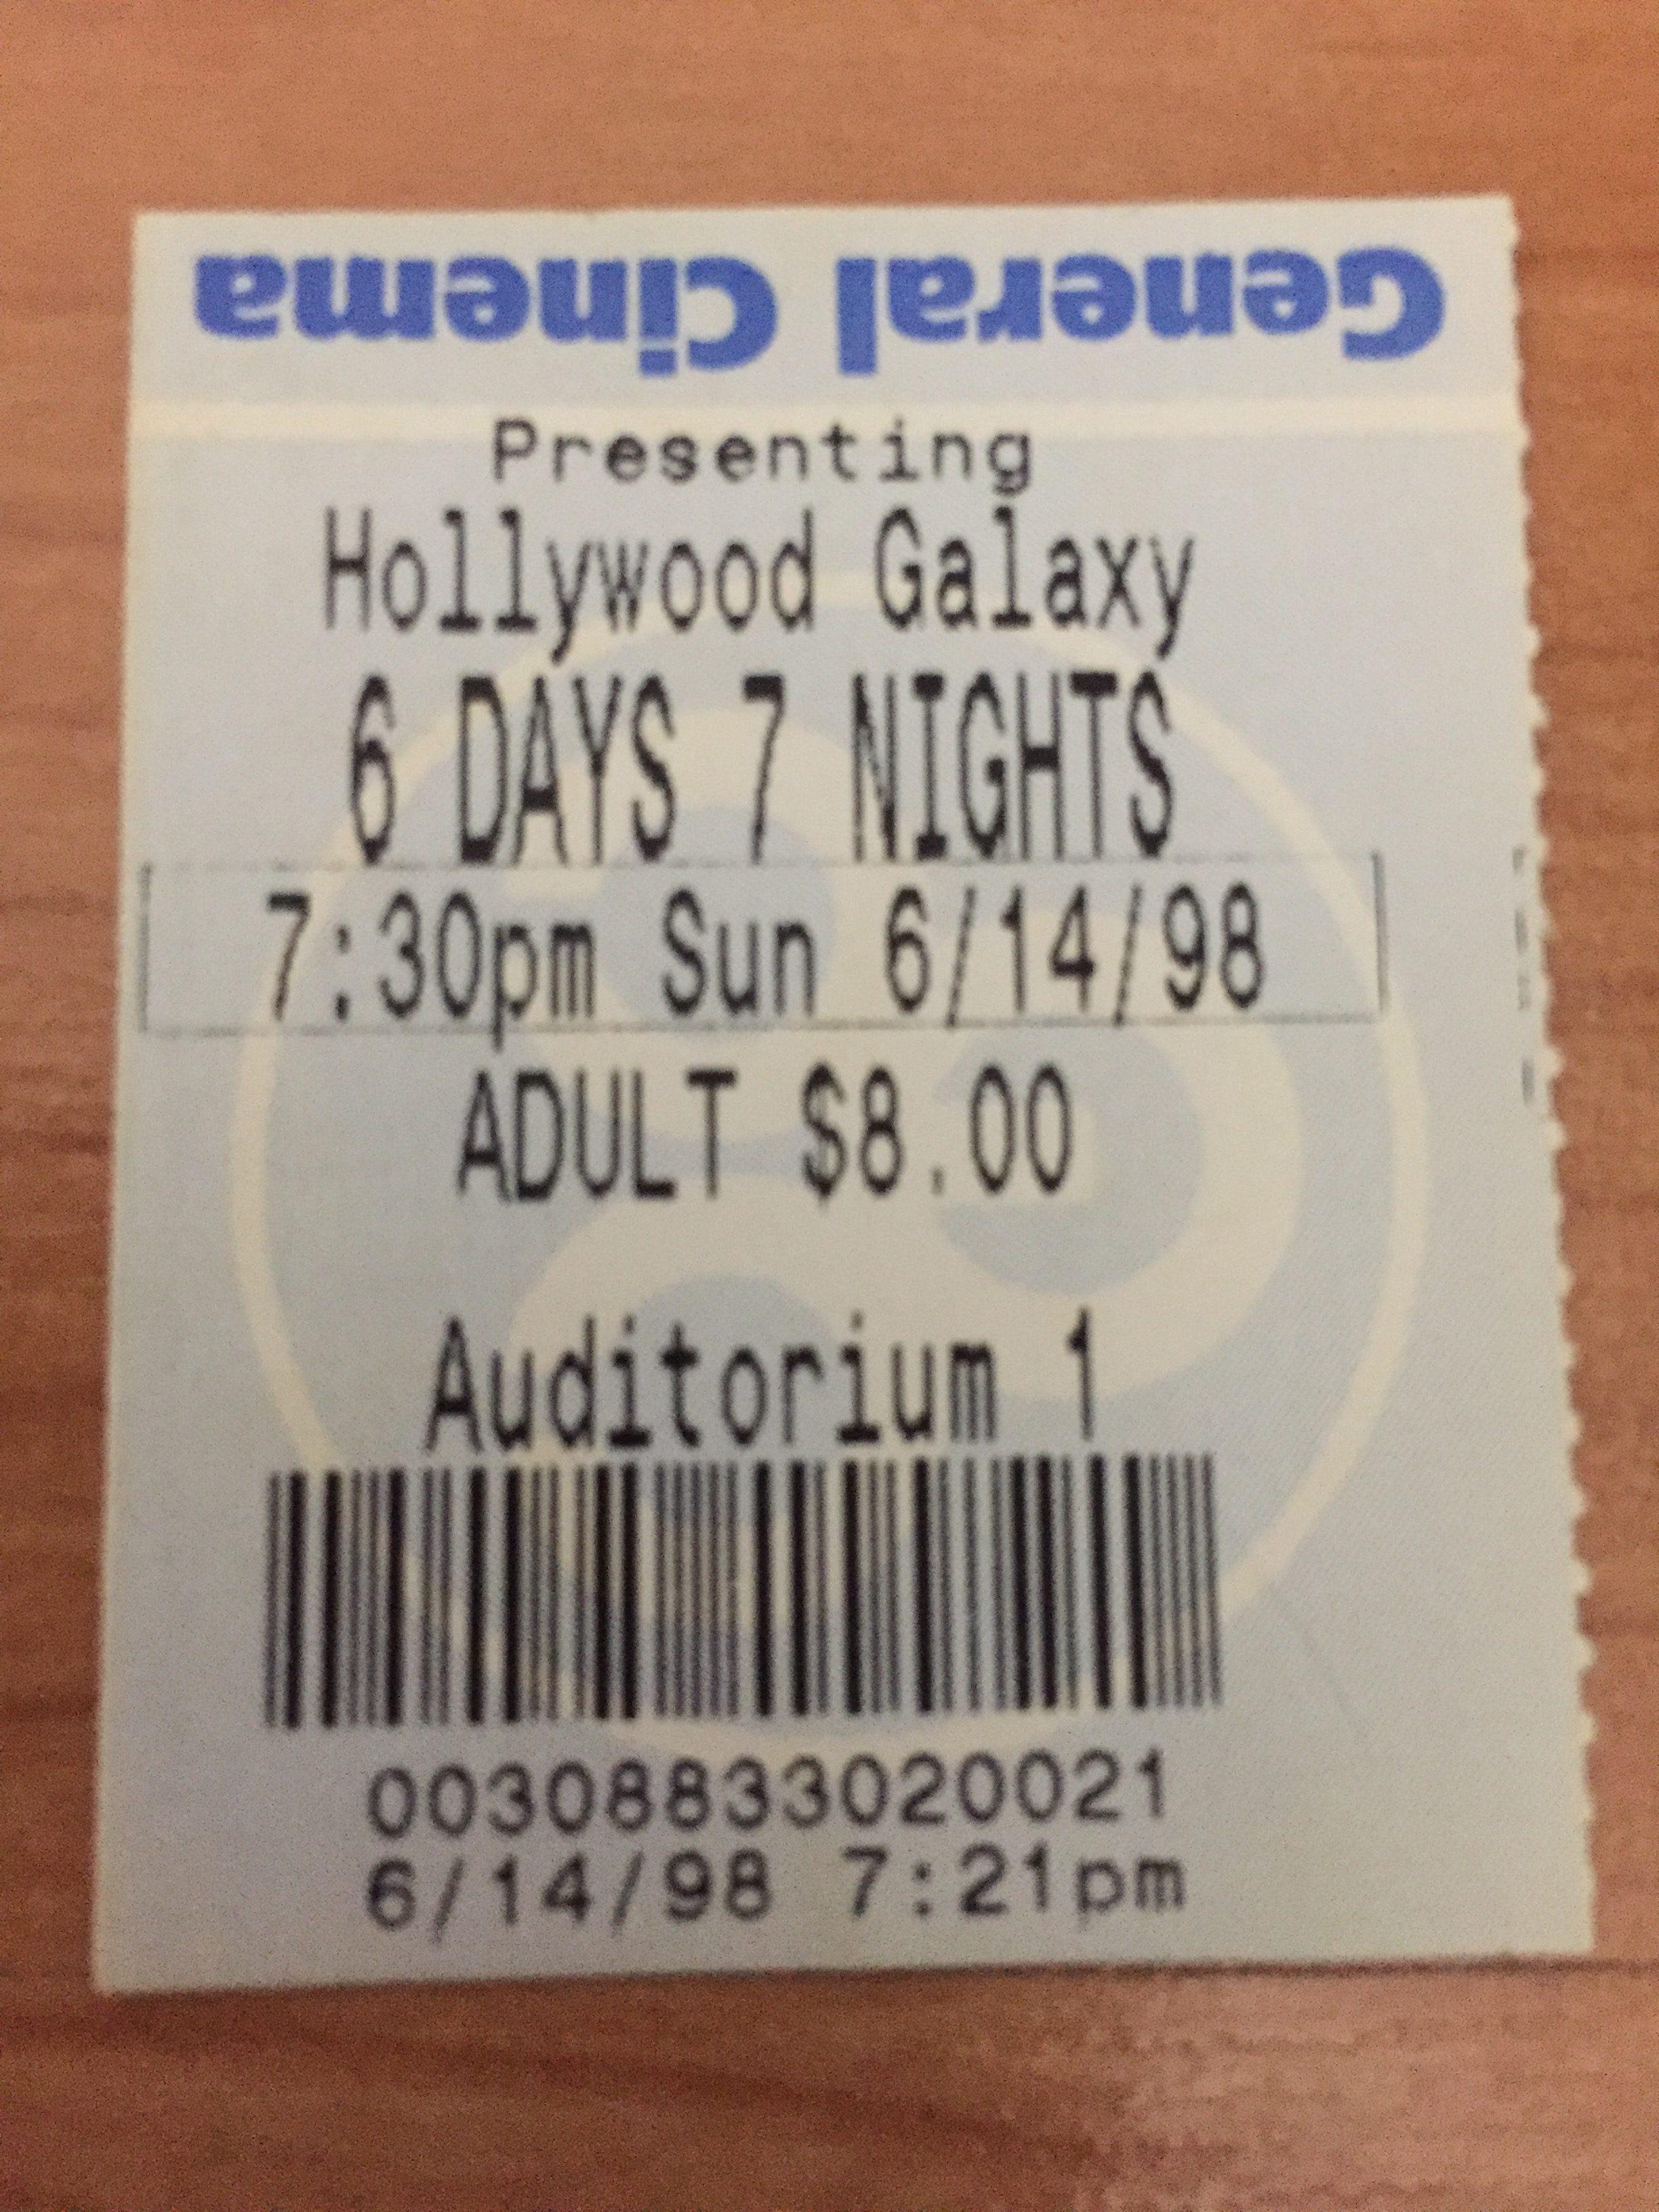 6 days 7 nights movie download